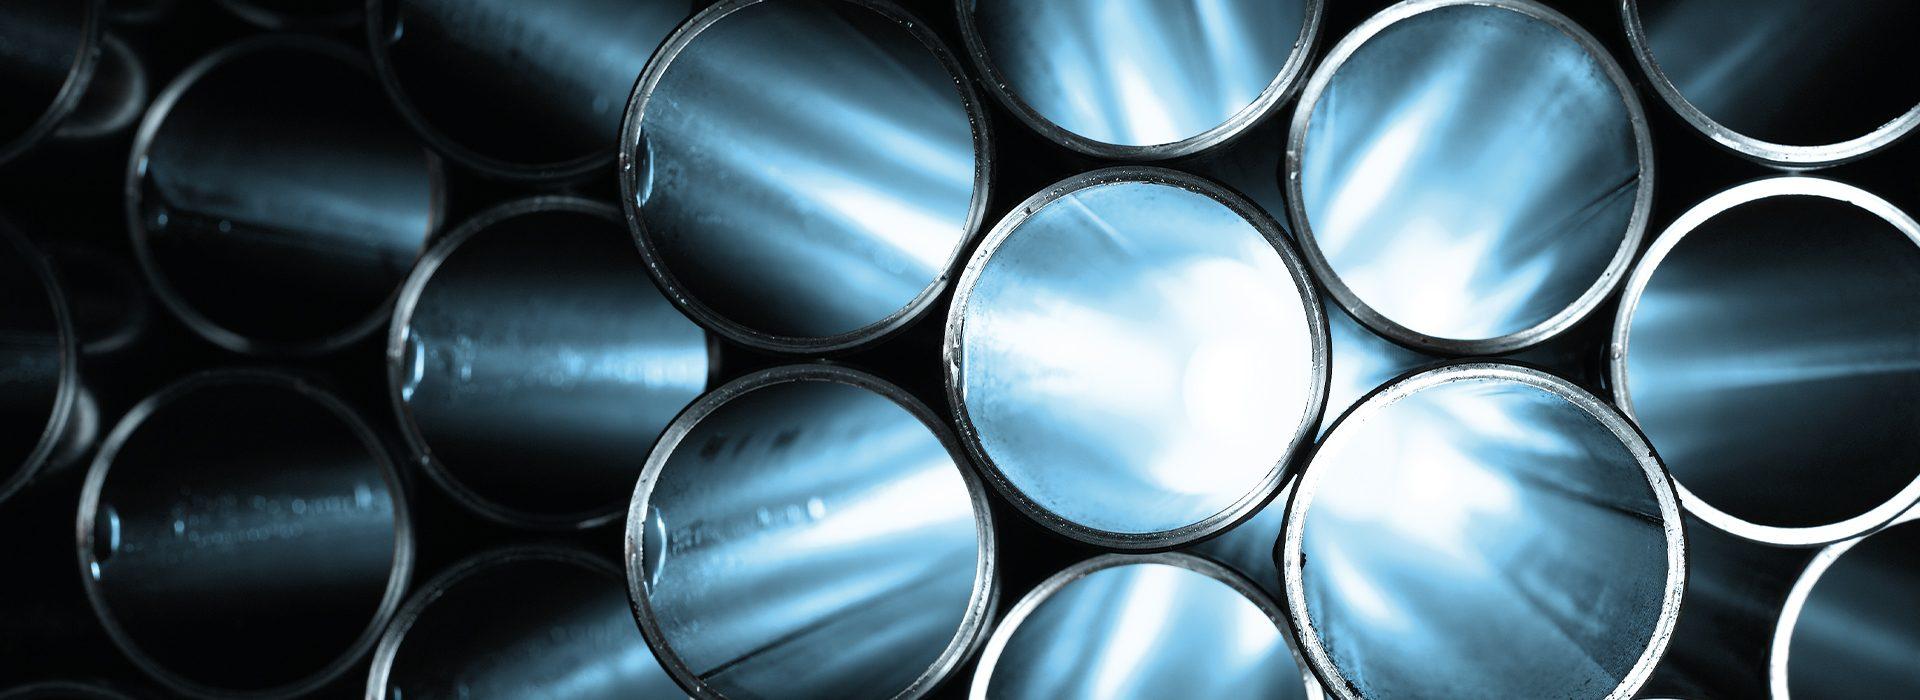 Rohre aus Aluminium vonWMH GROUP GERMANY